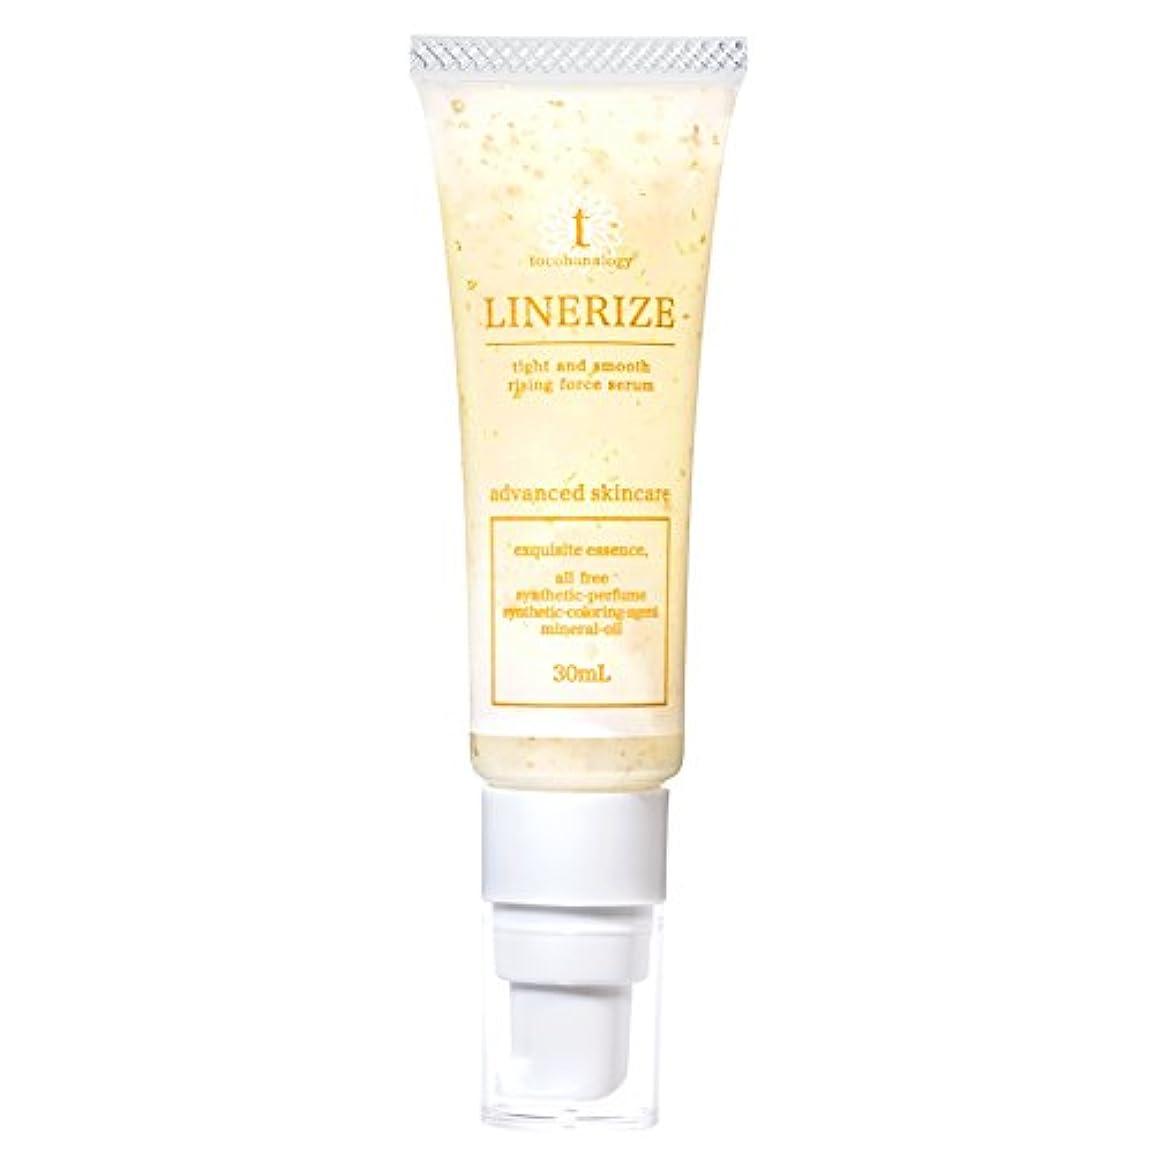 後継塩辛い味トコハナロジー リナライズ 黄金ジェル美容液 顔のむくみ たるみ ほうれい線 毛穴 対策